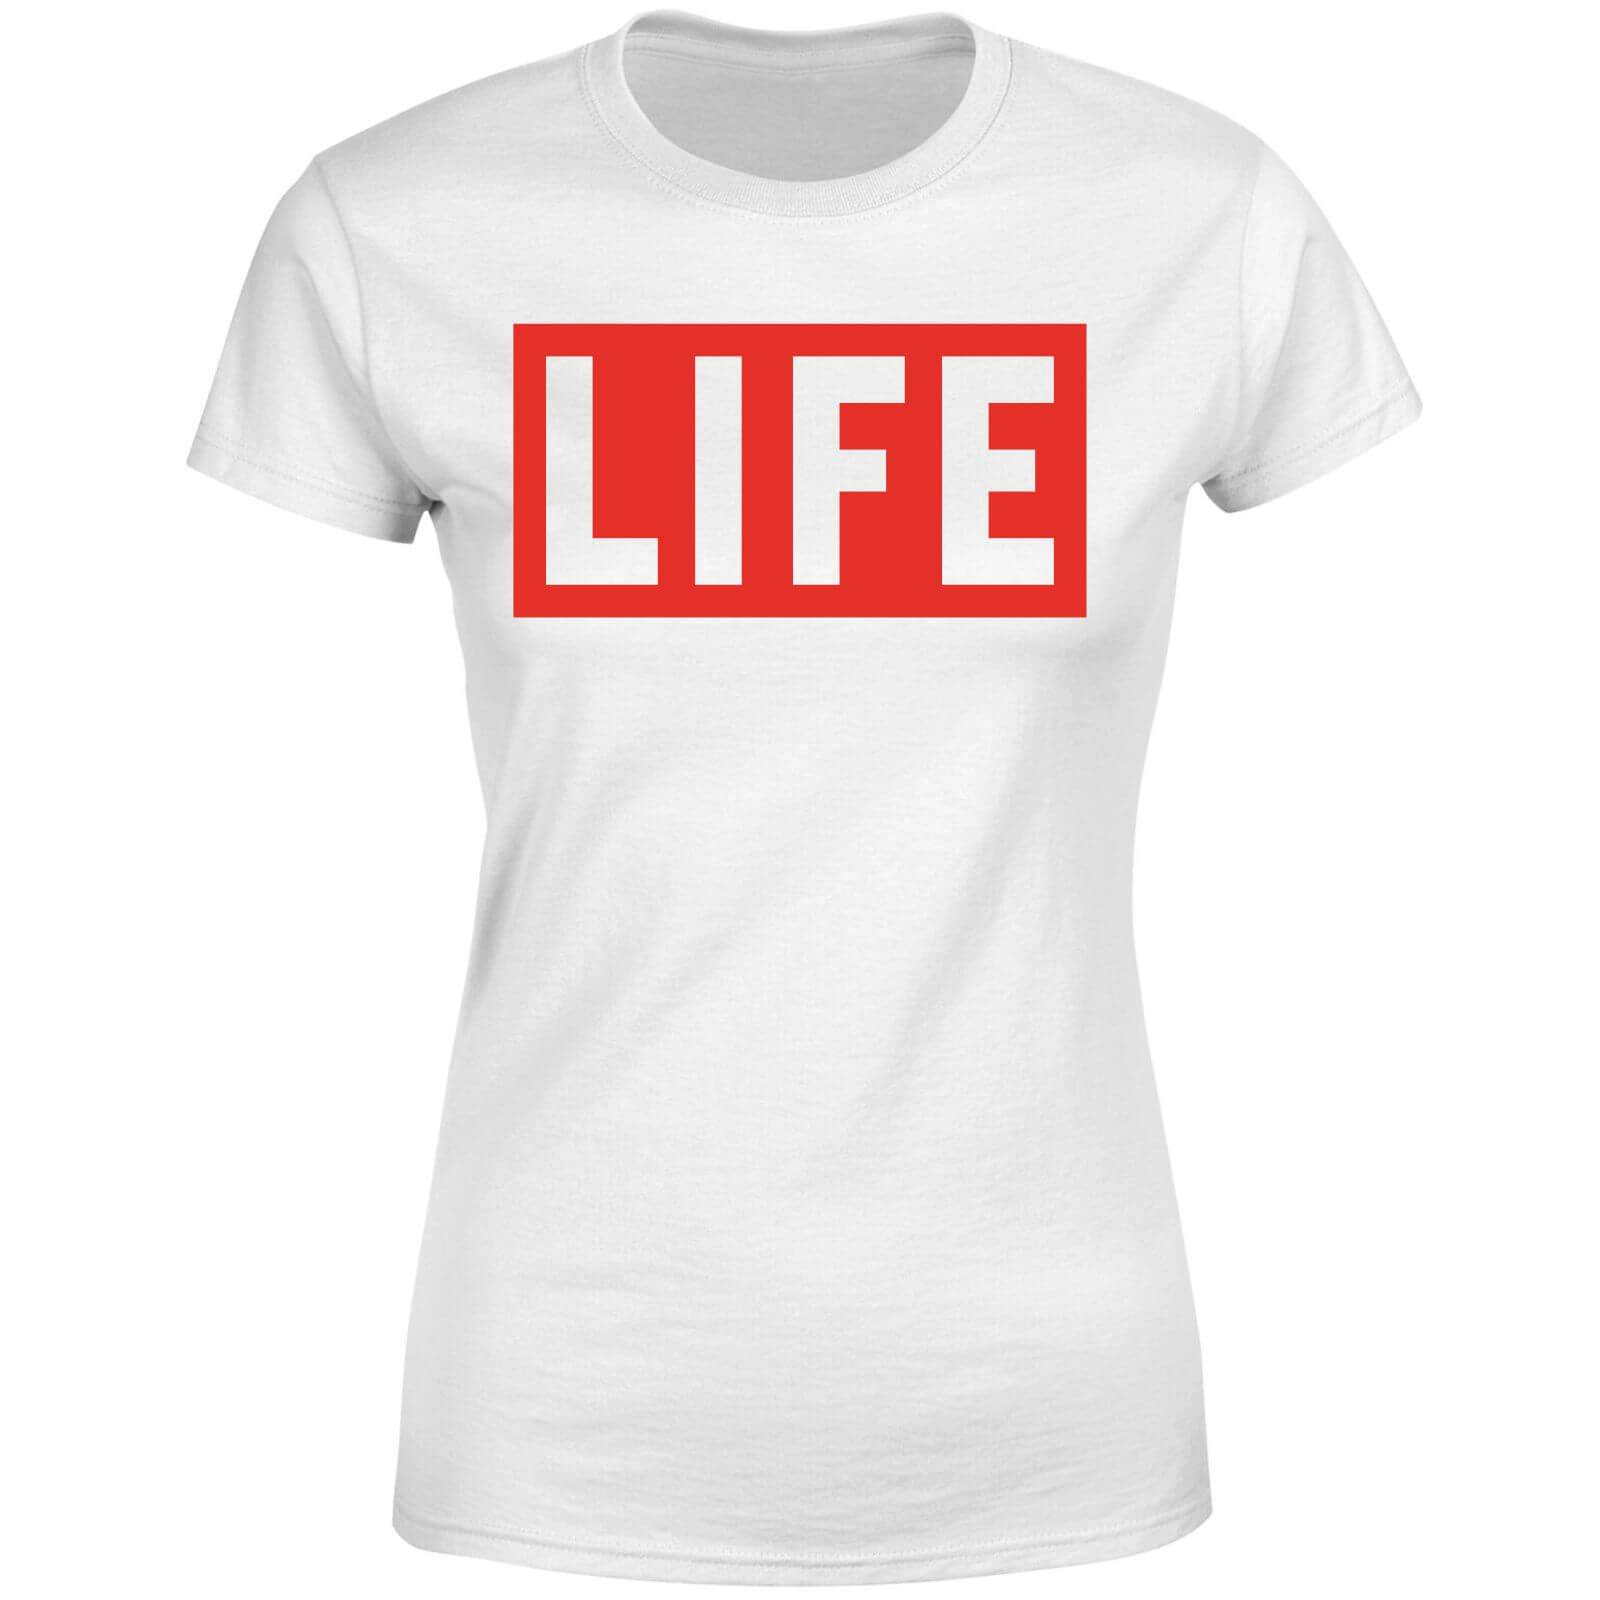 LIFE Magazine LIFE Logo Women's T-Shirt - White - L - White-female